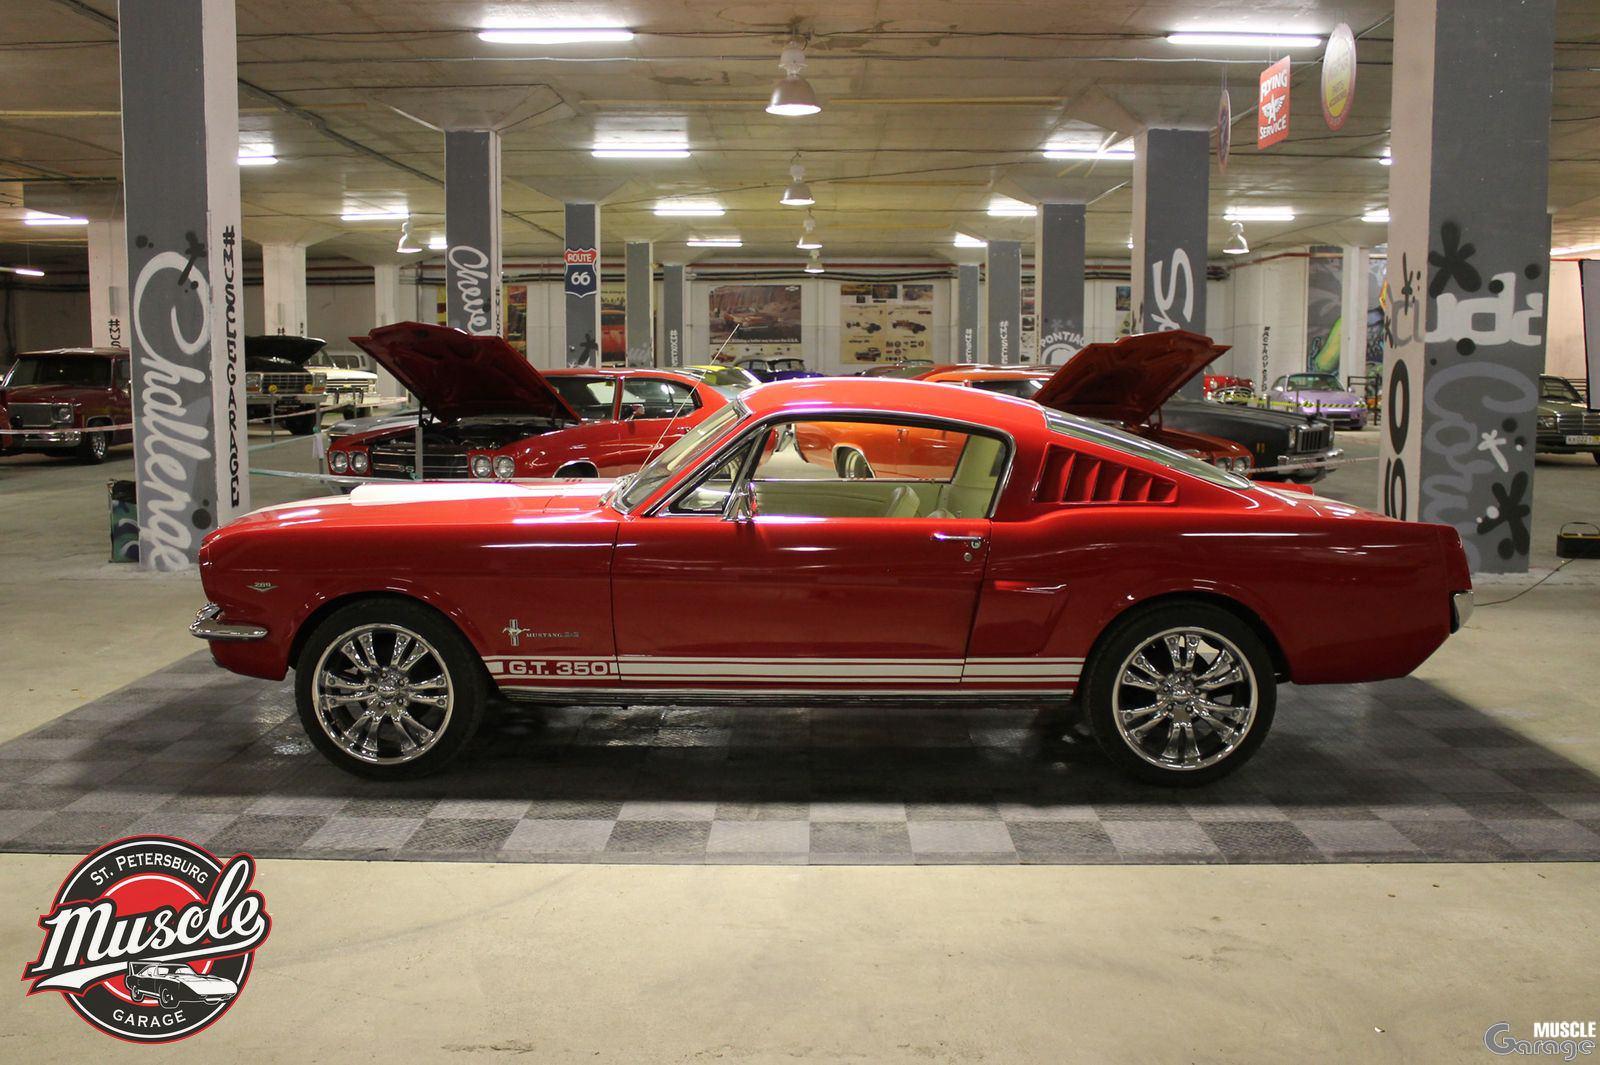 купить форд мустанг 1967 года в беларуси #6